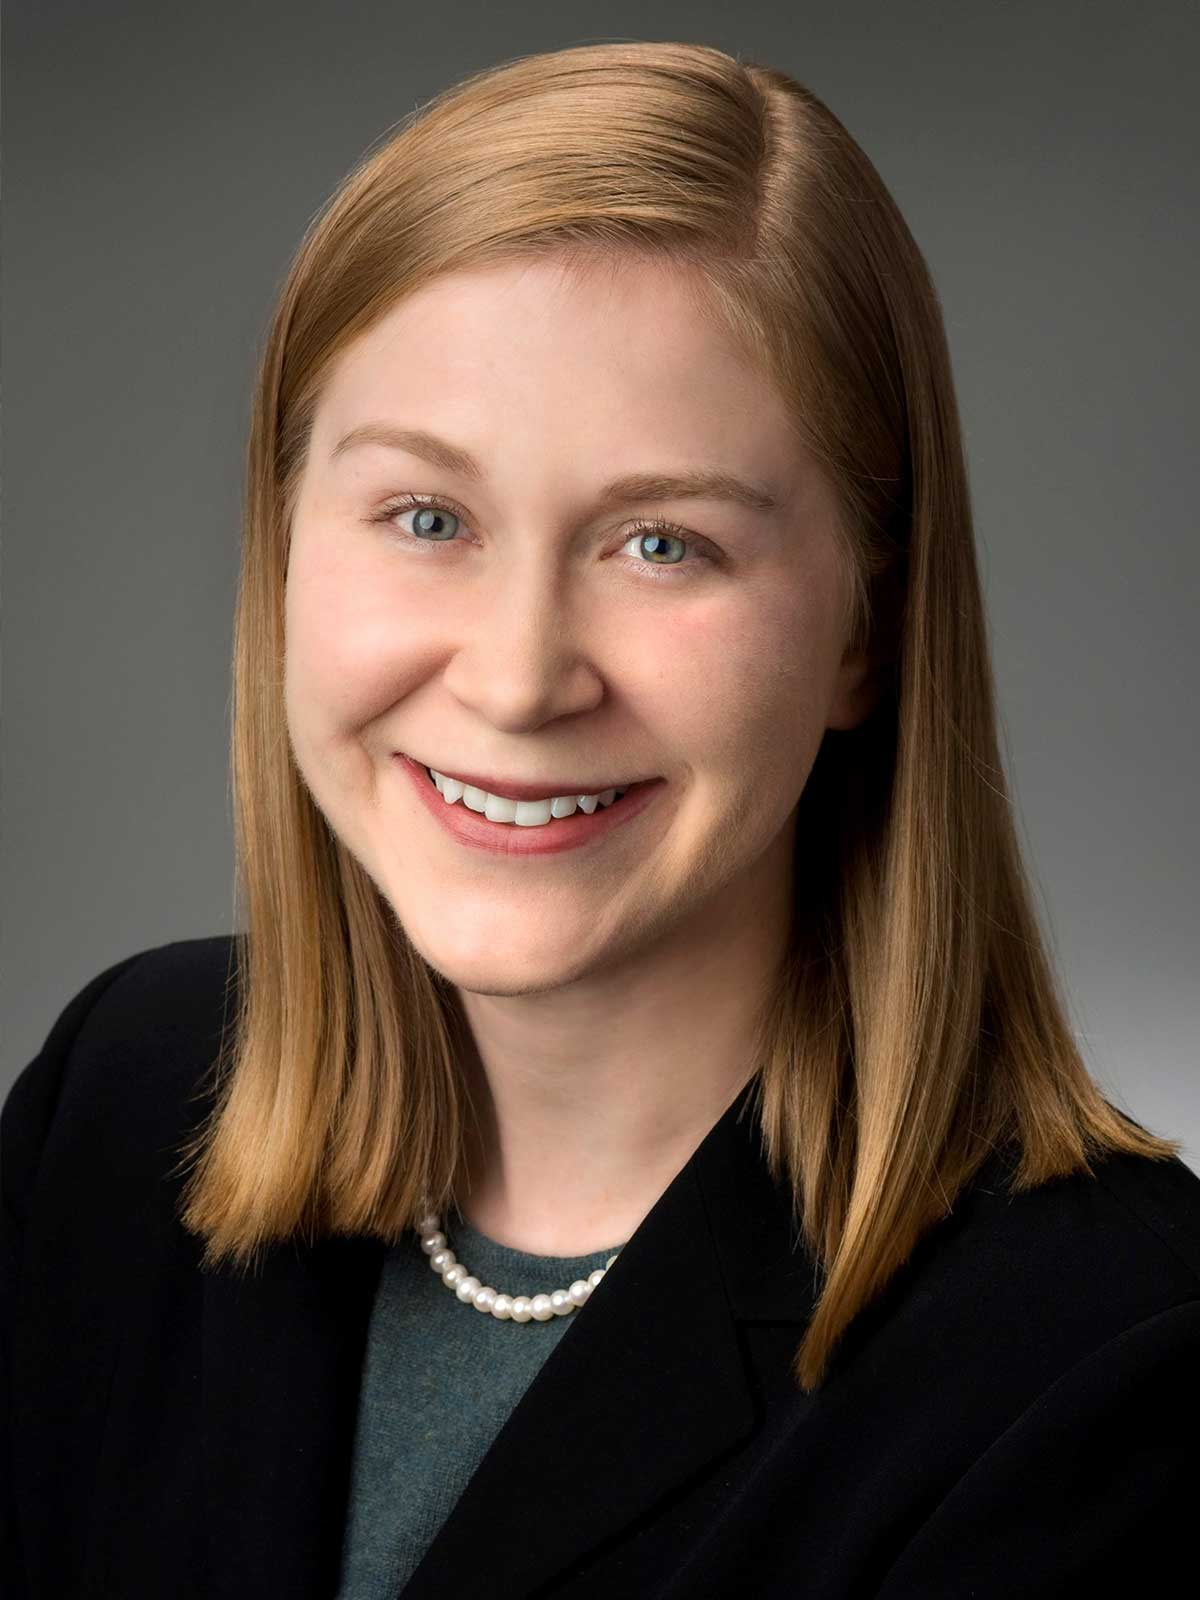 Teresa L. Bechtold